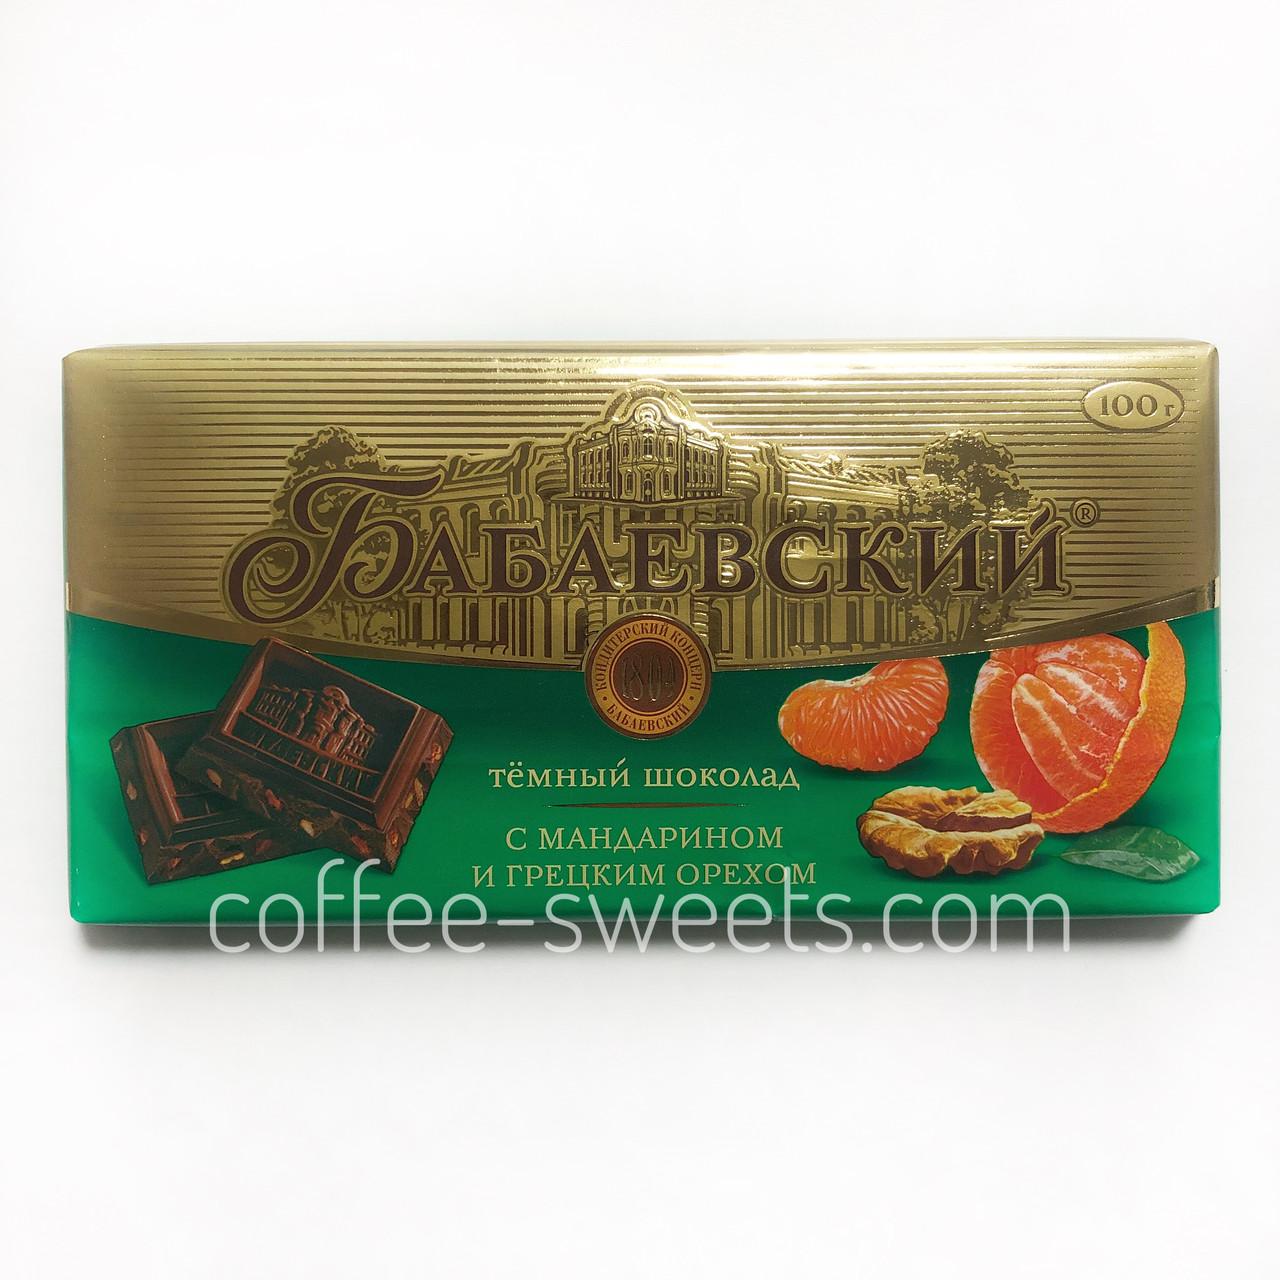 Шоколад Бабаевский 100г тёмный с мандарином и грецким орехом